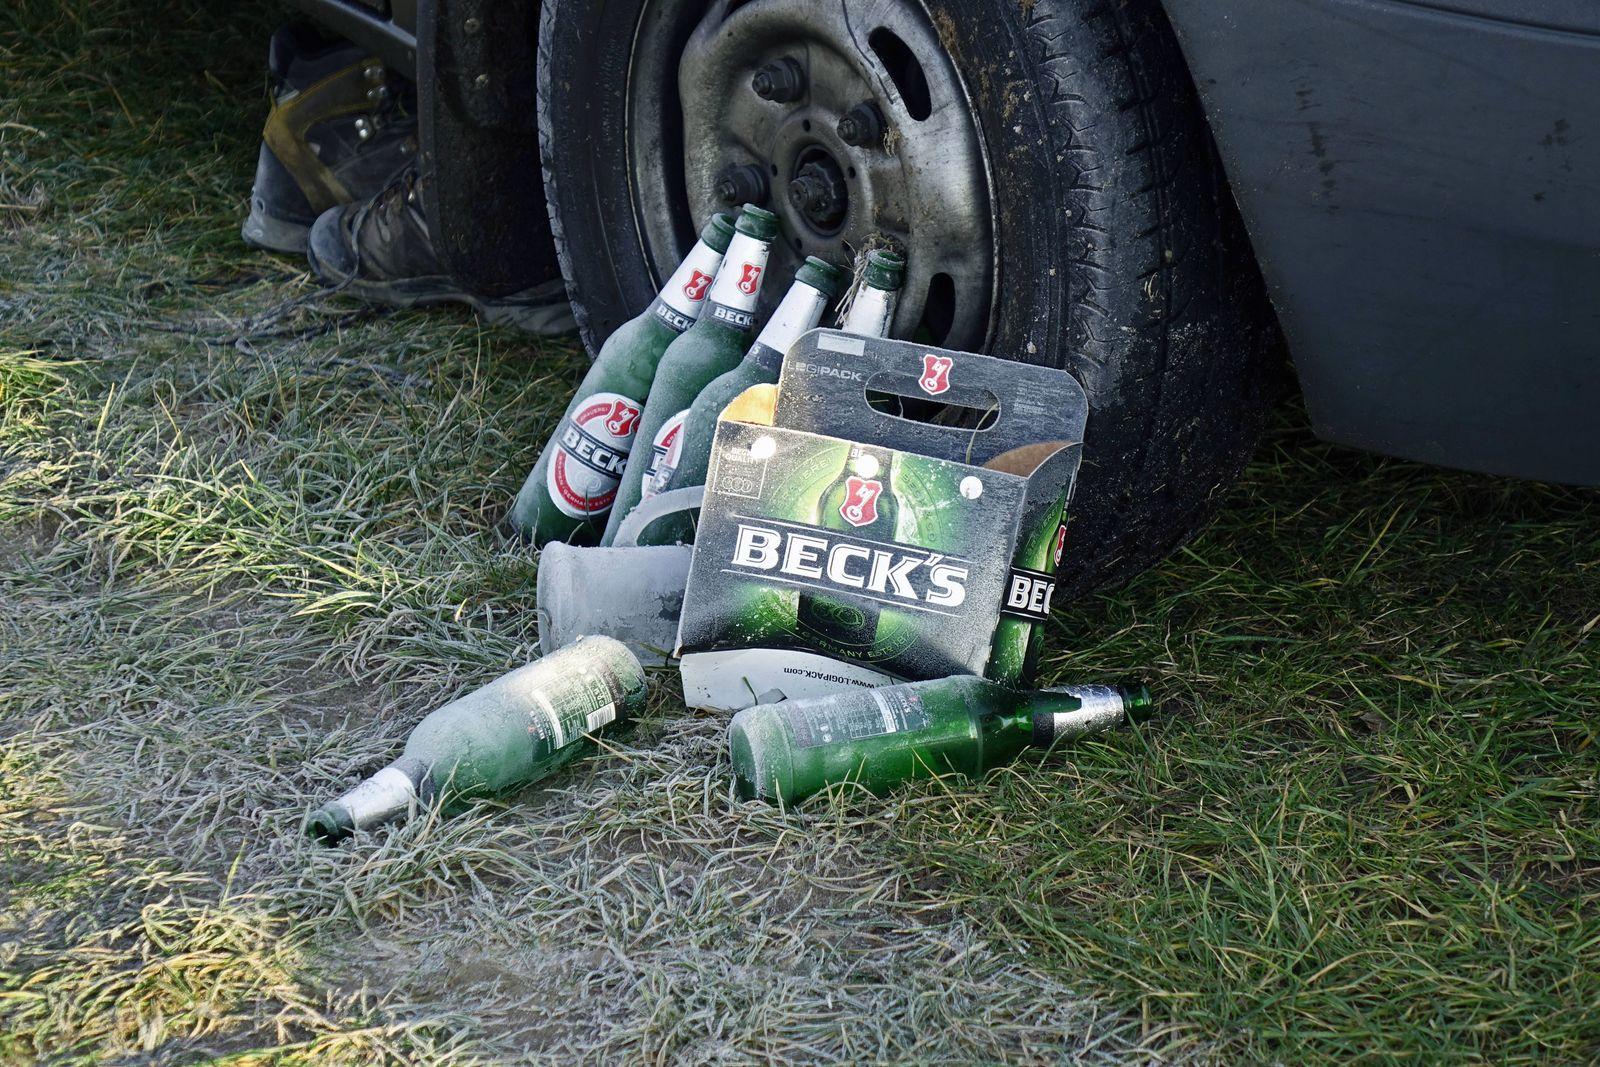 03 12 2017 Klaistow Brandenburg bereifte Bierflaschen an einem Autorad Auto Rad Autorad Bier